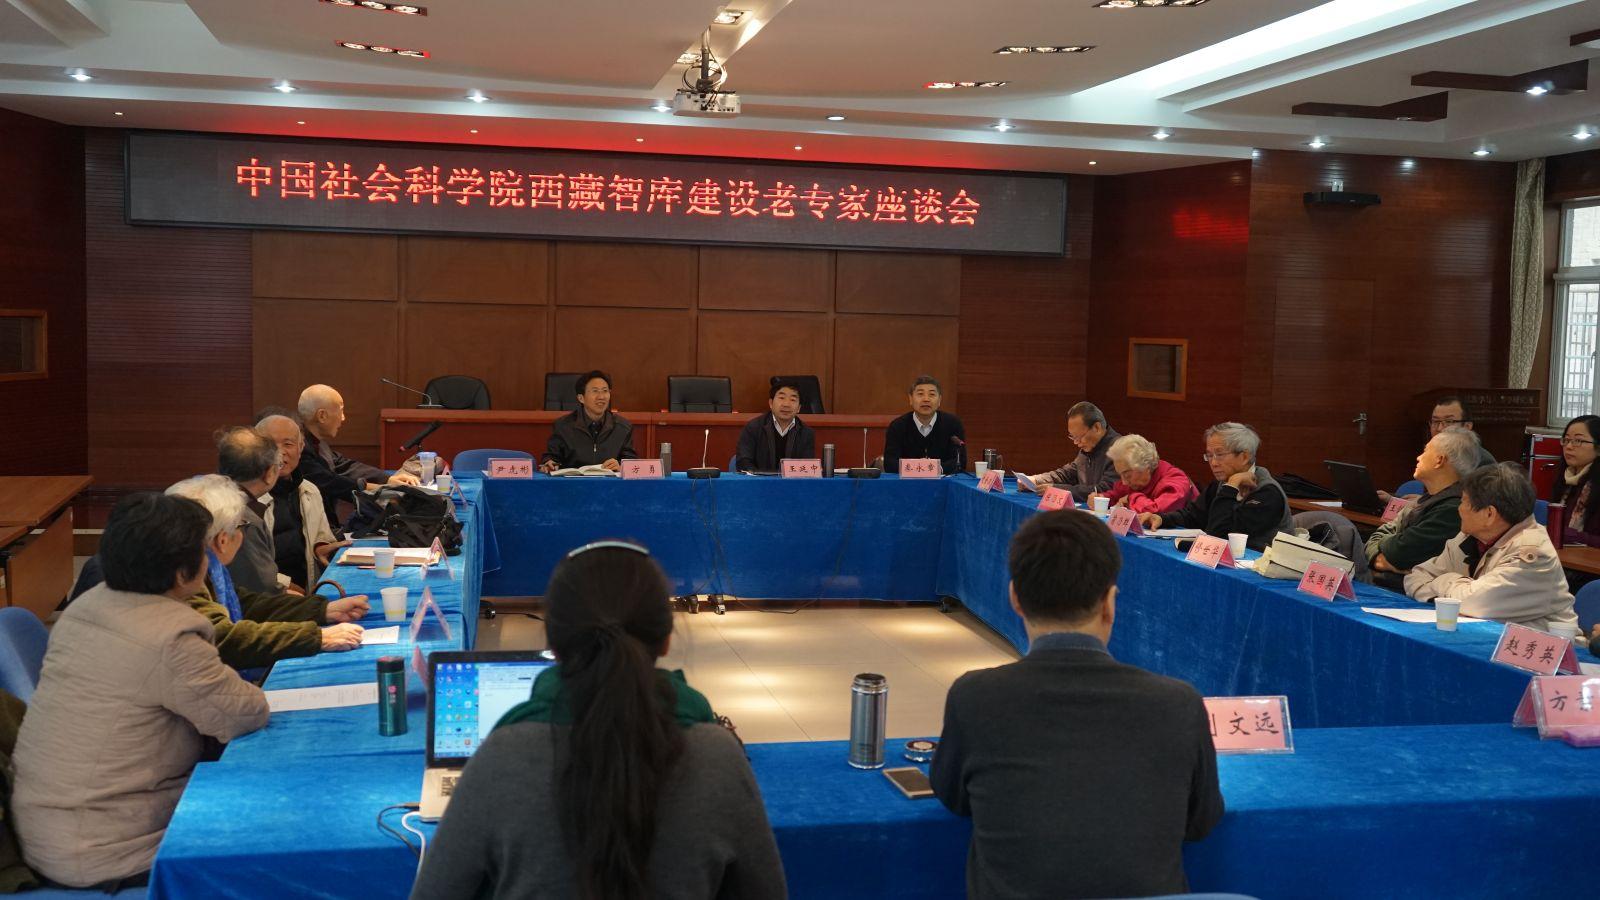 """""""中国社会科学院西藏智库建设老专家座谈会"""" 在中国社科院民族学与人类学研究所举行"""